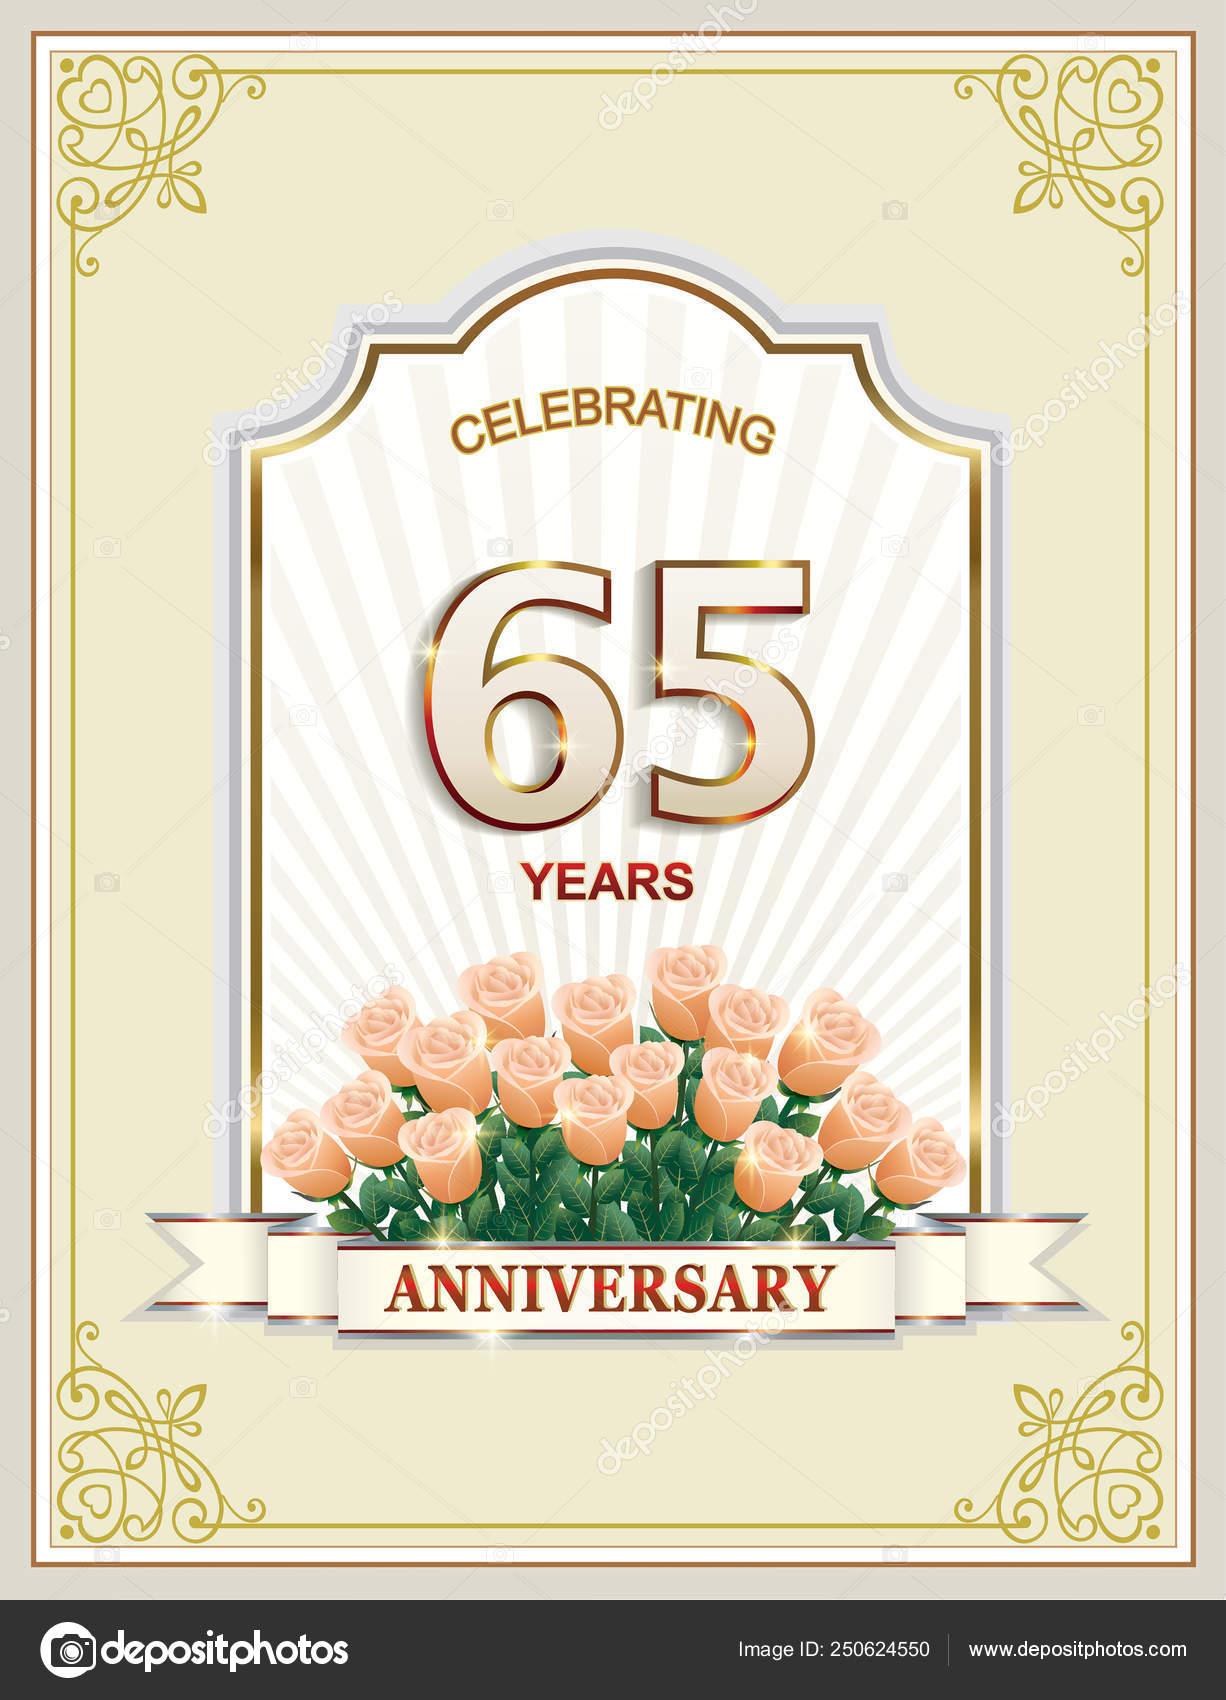 65 Anniversario Di Matrimonio.Illustrazione Mazzo Di Rose Per Augurare Buon Compleanno